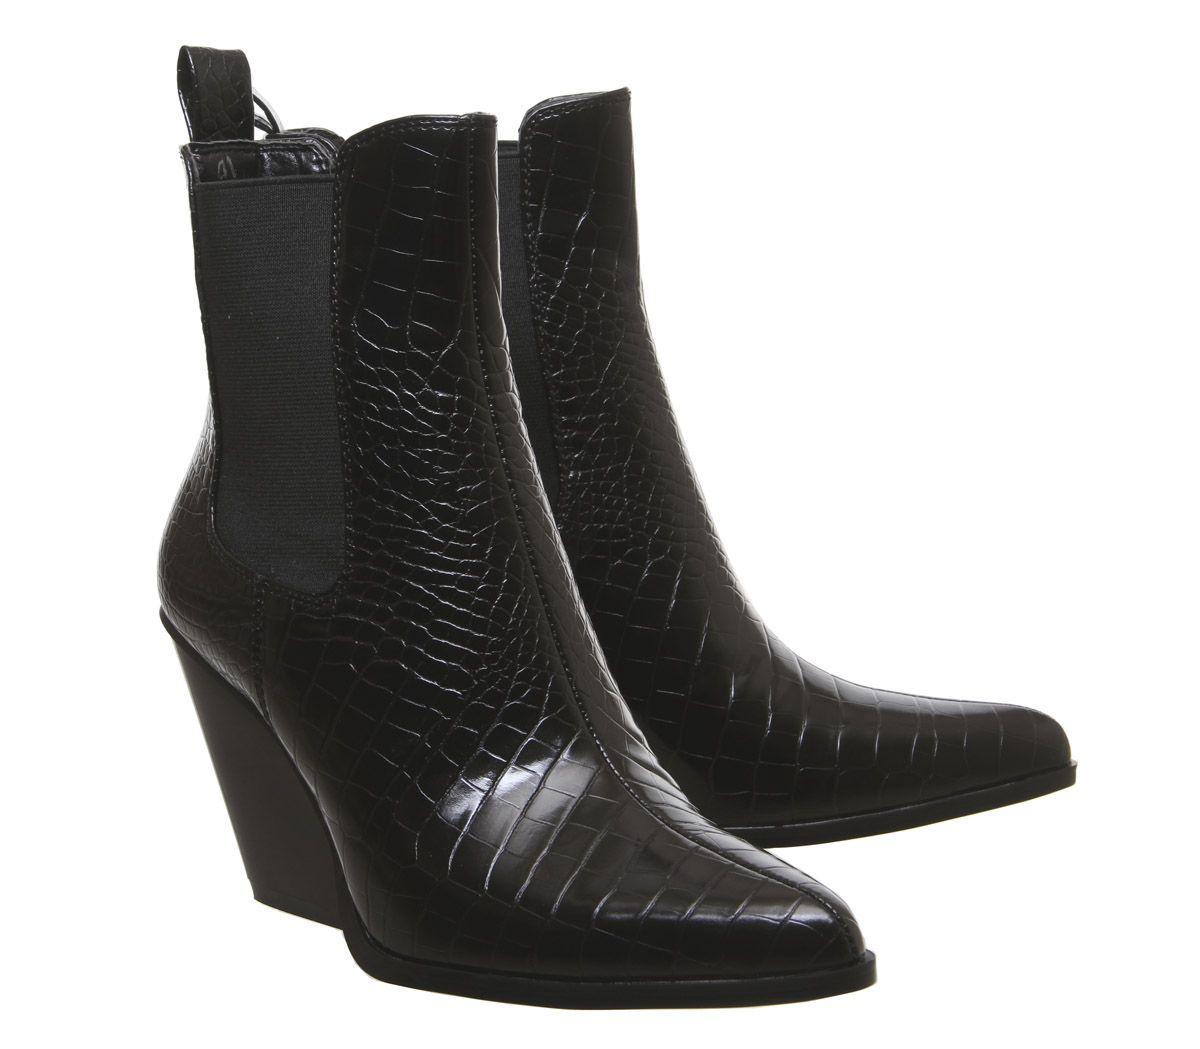 dernier style obtenir de nouveaux site réputé Détails sur Femme Ego Camille à Talon Bottines Chelsea Noir Croco boots-  afficher le titre d'origine